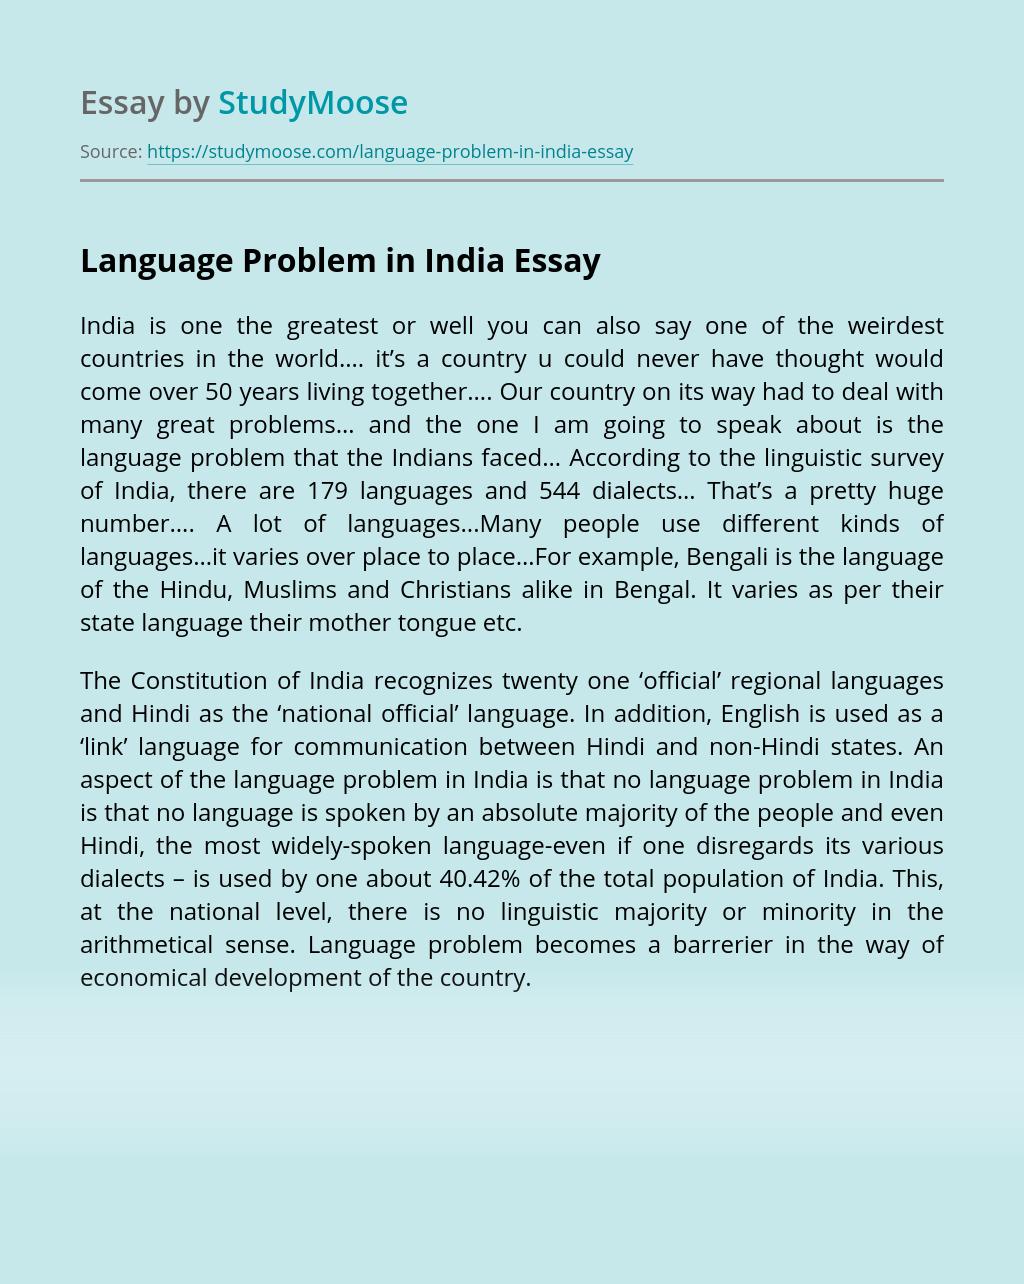 Language Problem in India